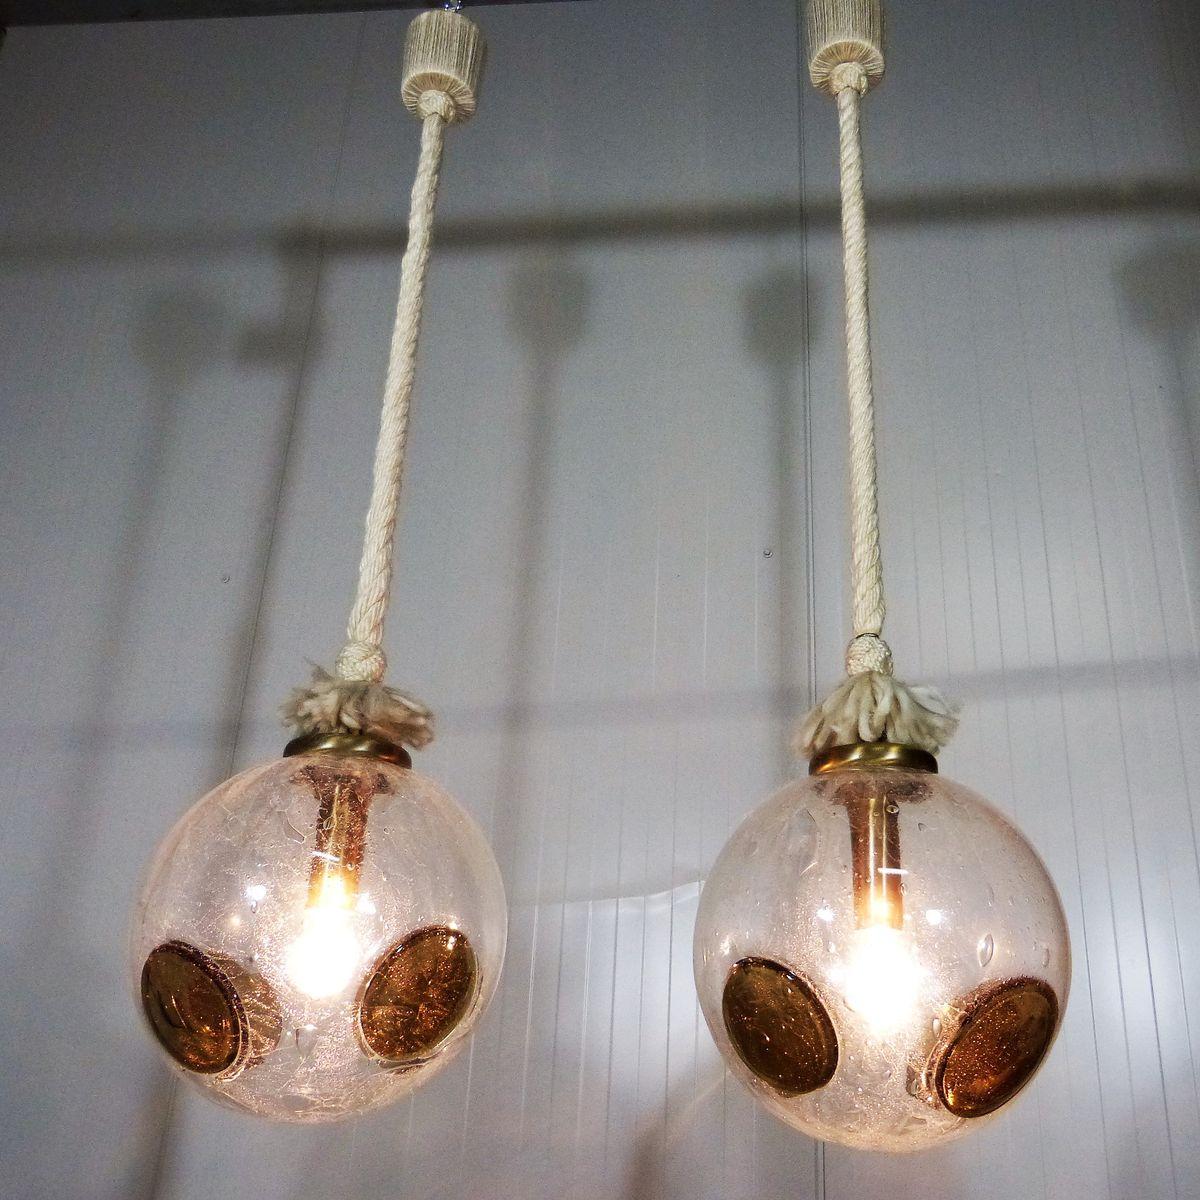 deutsche h ngelmape von doria leuchten 1960er bei pamono kaufen. Black Bedroom Furniture Sets. Home Design Ideas